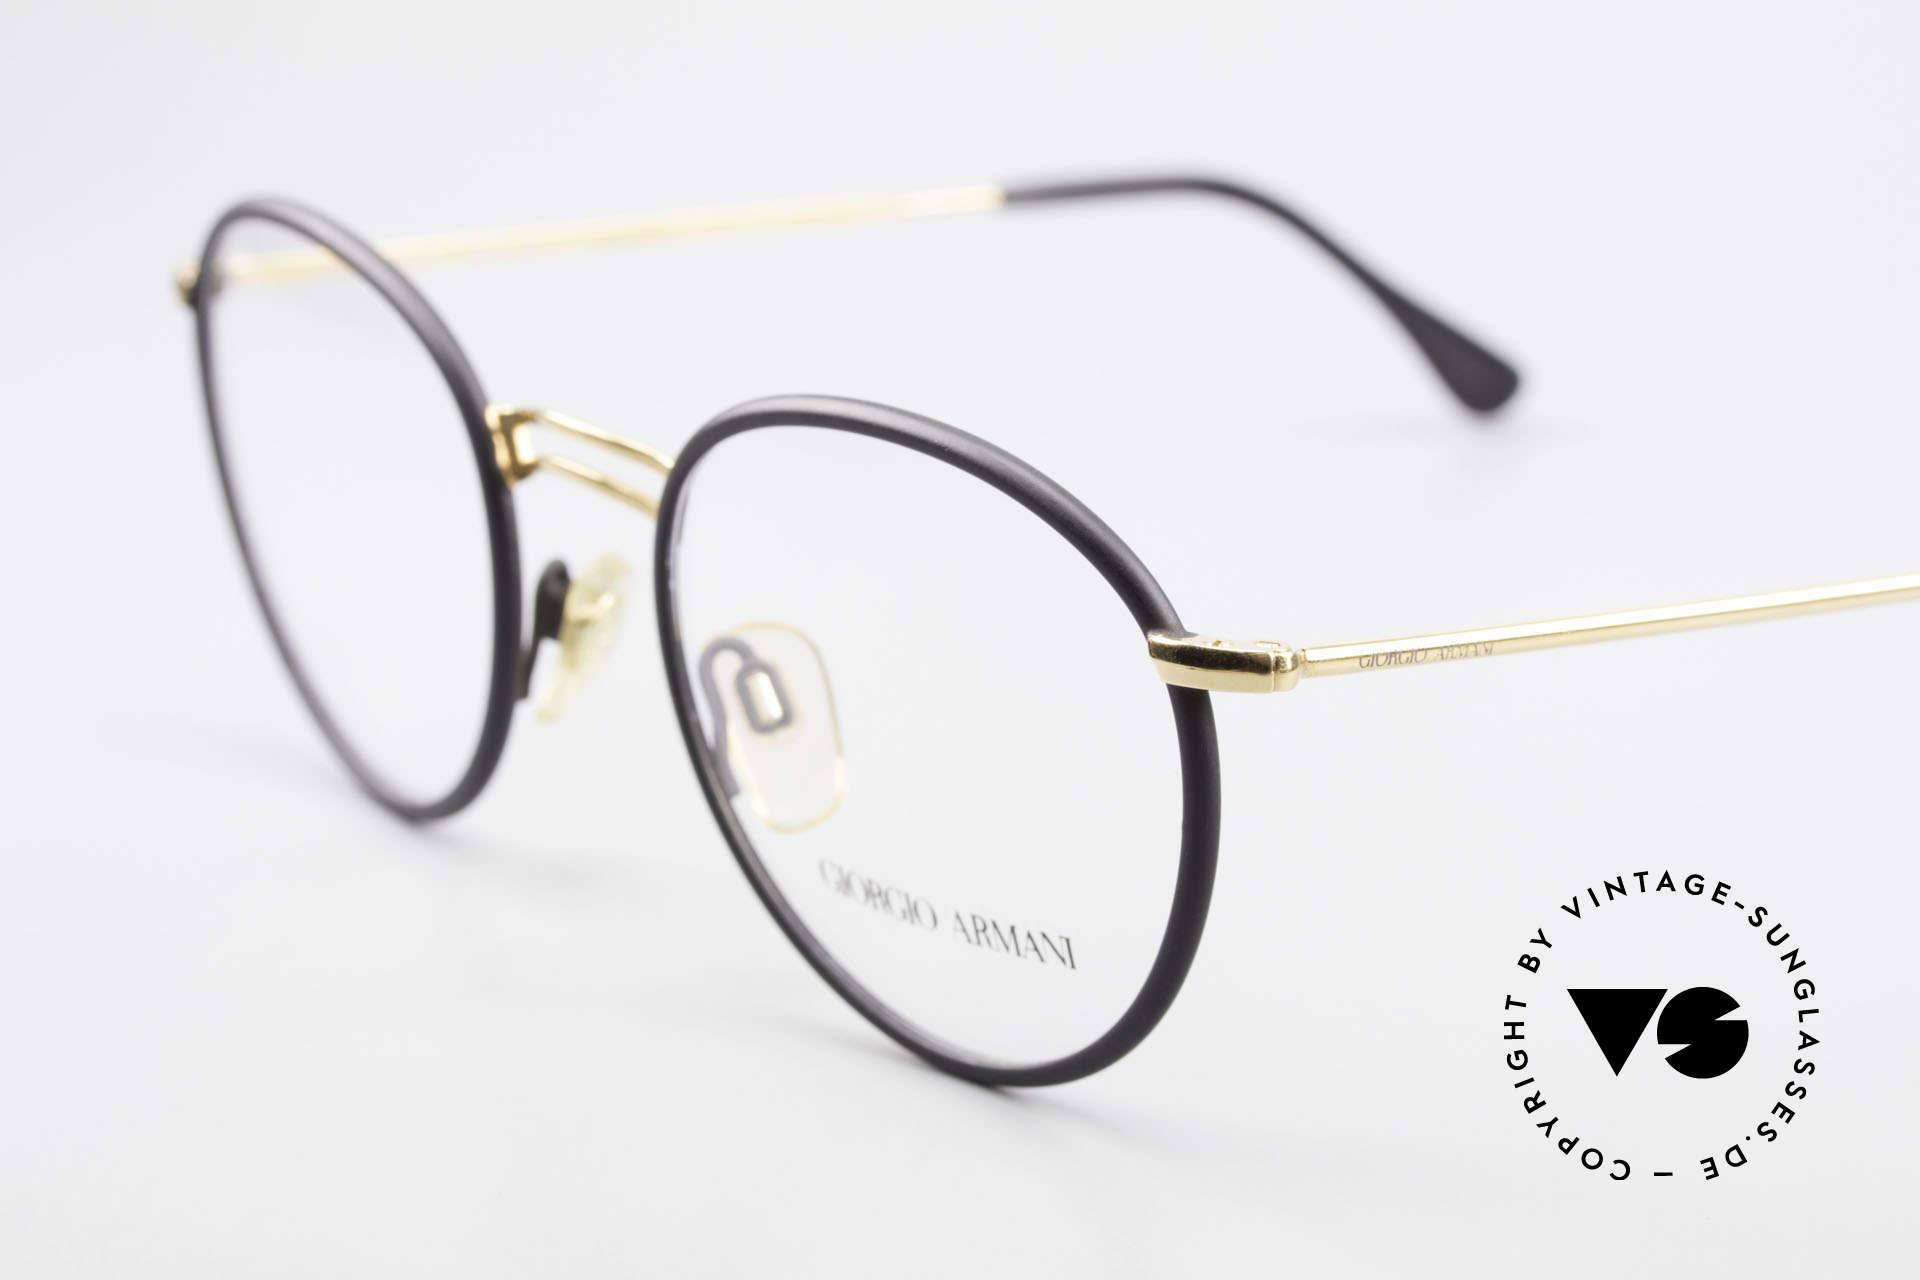 Giorgio Armani 152 Runde Vintage Brille Herren, ungetragen; wie all unsere 90er Jahre Designklassiker, Passend für Herren